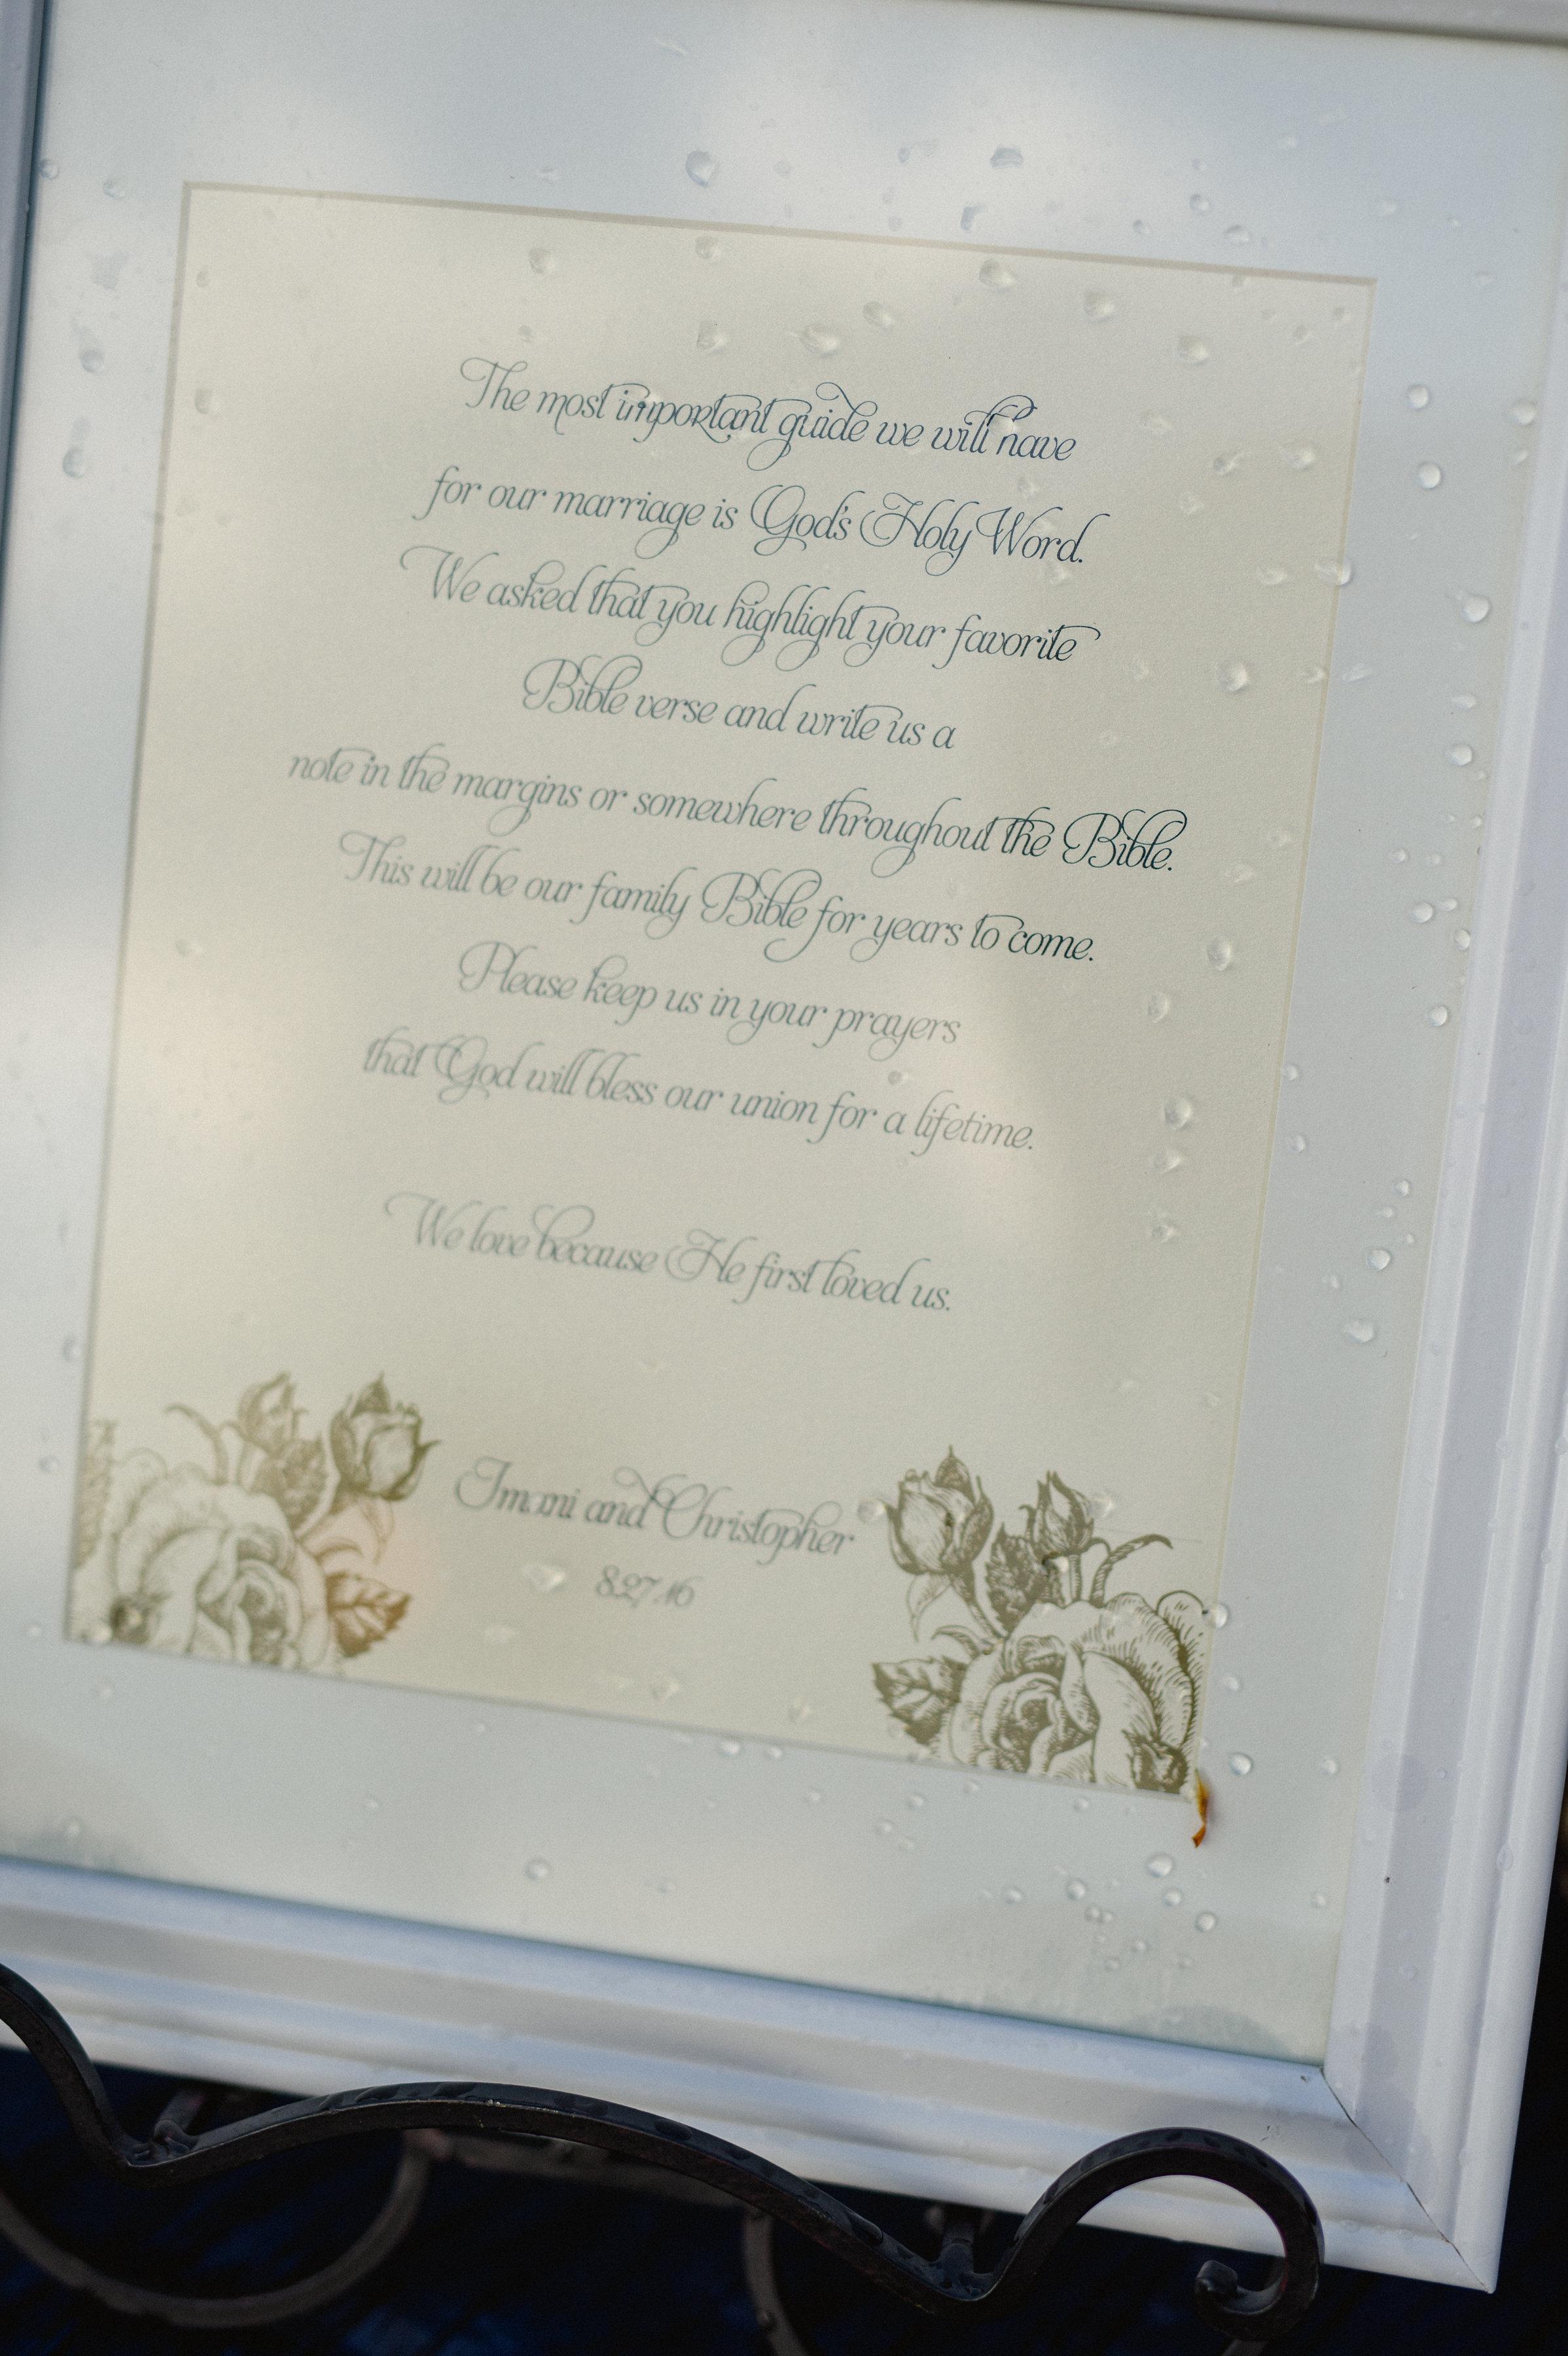 imani&chris|wedding|details-90.jpg